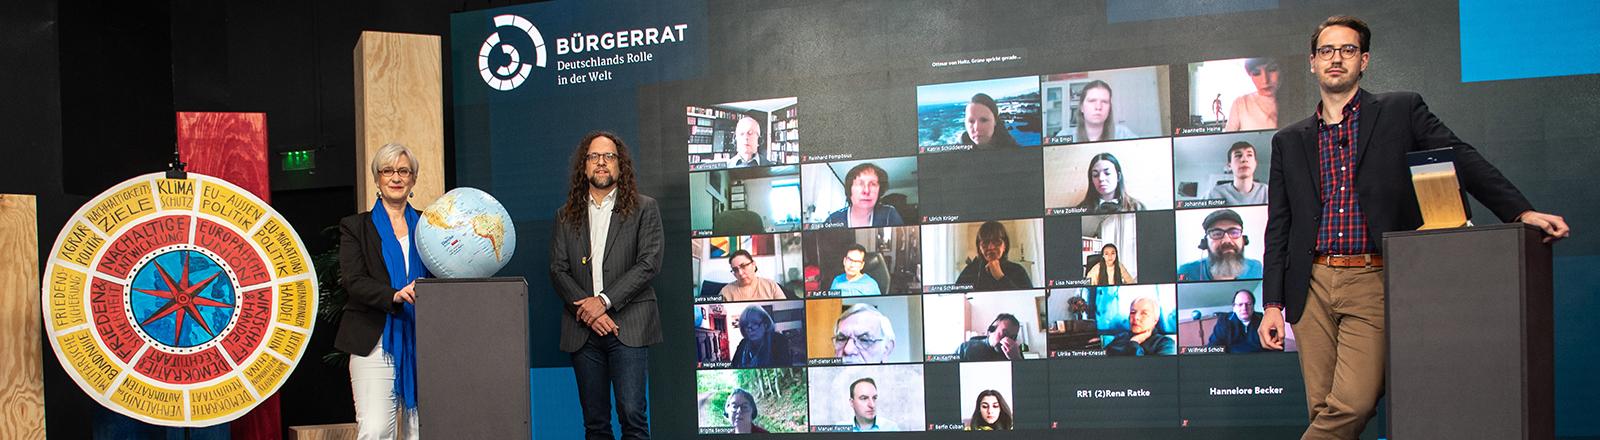 Der Bürgerrat lief digital ab. Auf einer Leinwand sind die Teilnehmenden einer Videokonferenz zu sehen. Davor stehen drei Menschen in einer Art Studio; sie haben den Bürgerrat moderiert und begleitet.